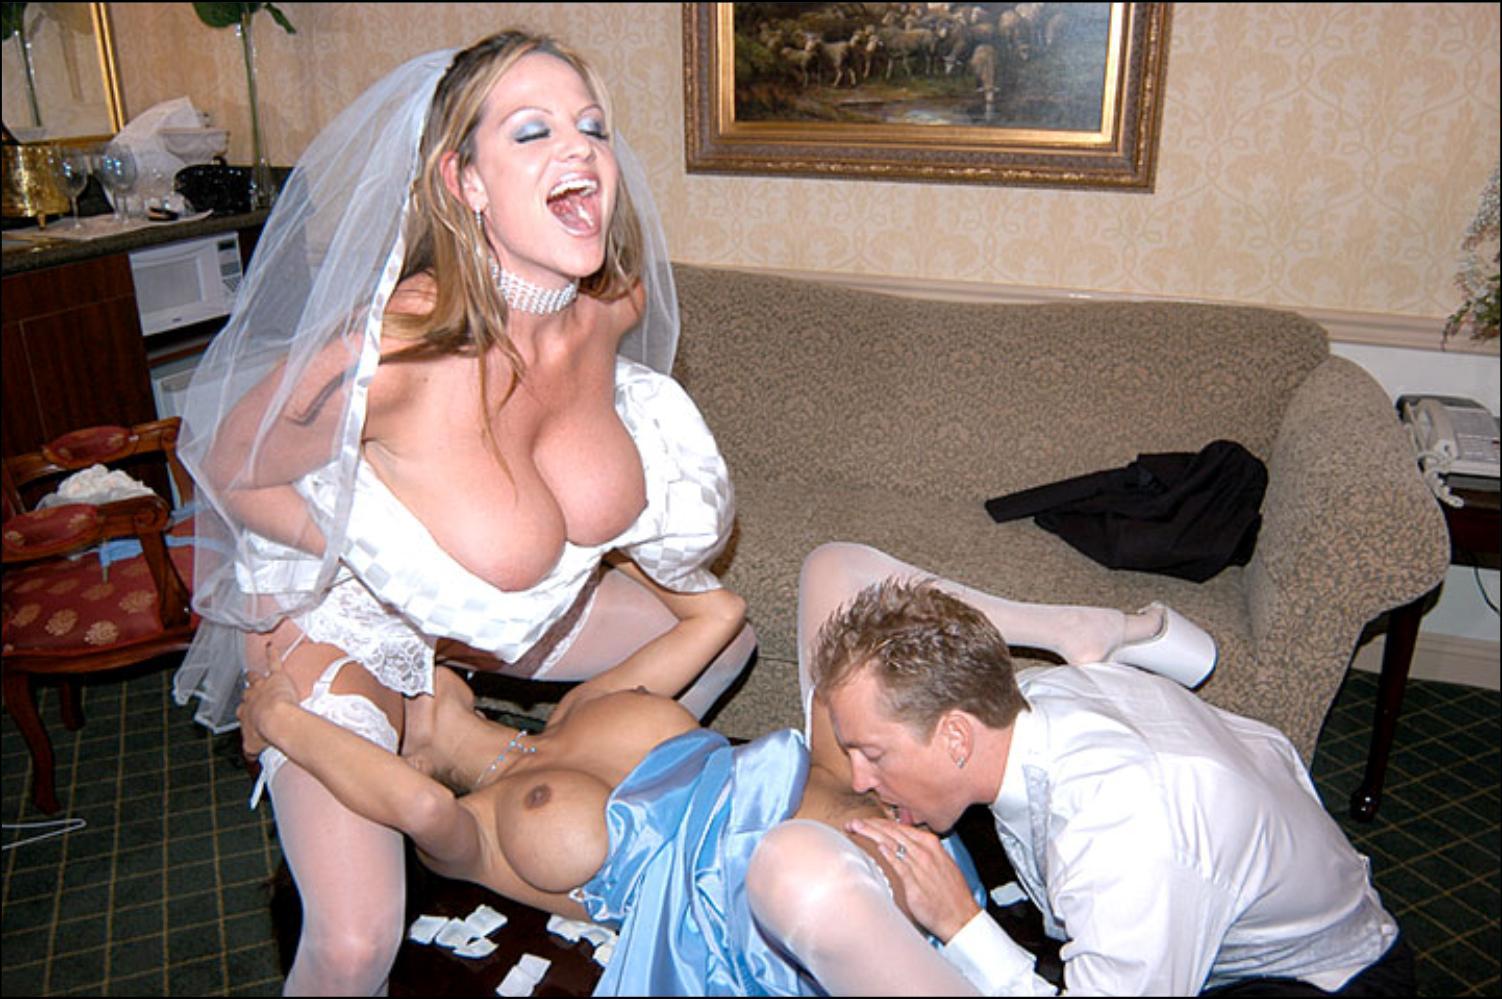 Невесту на свадьбе ебут все гости видео